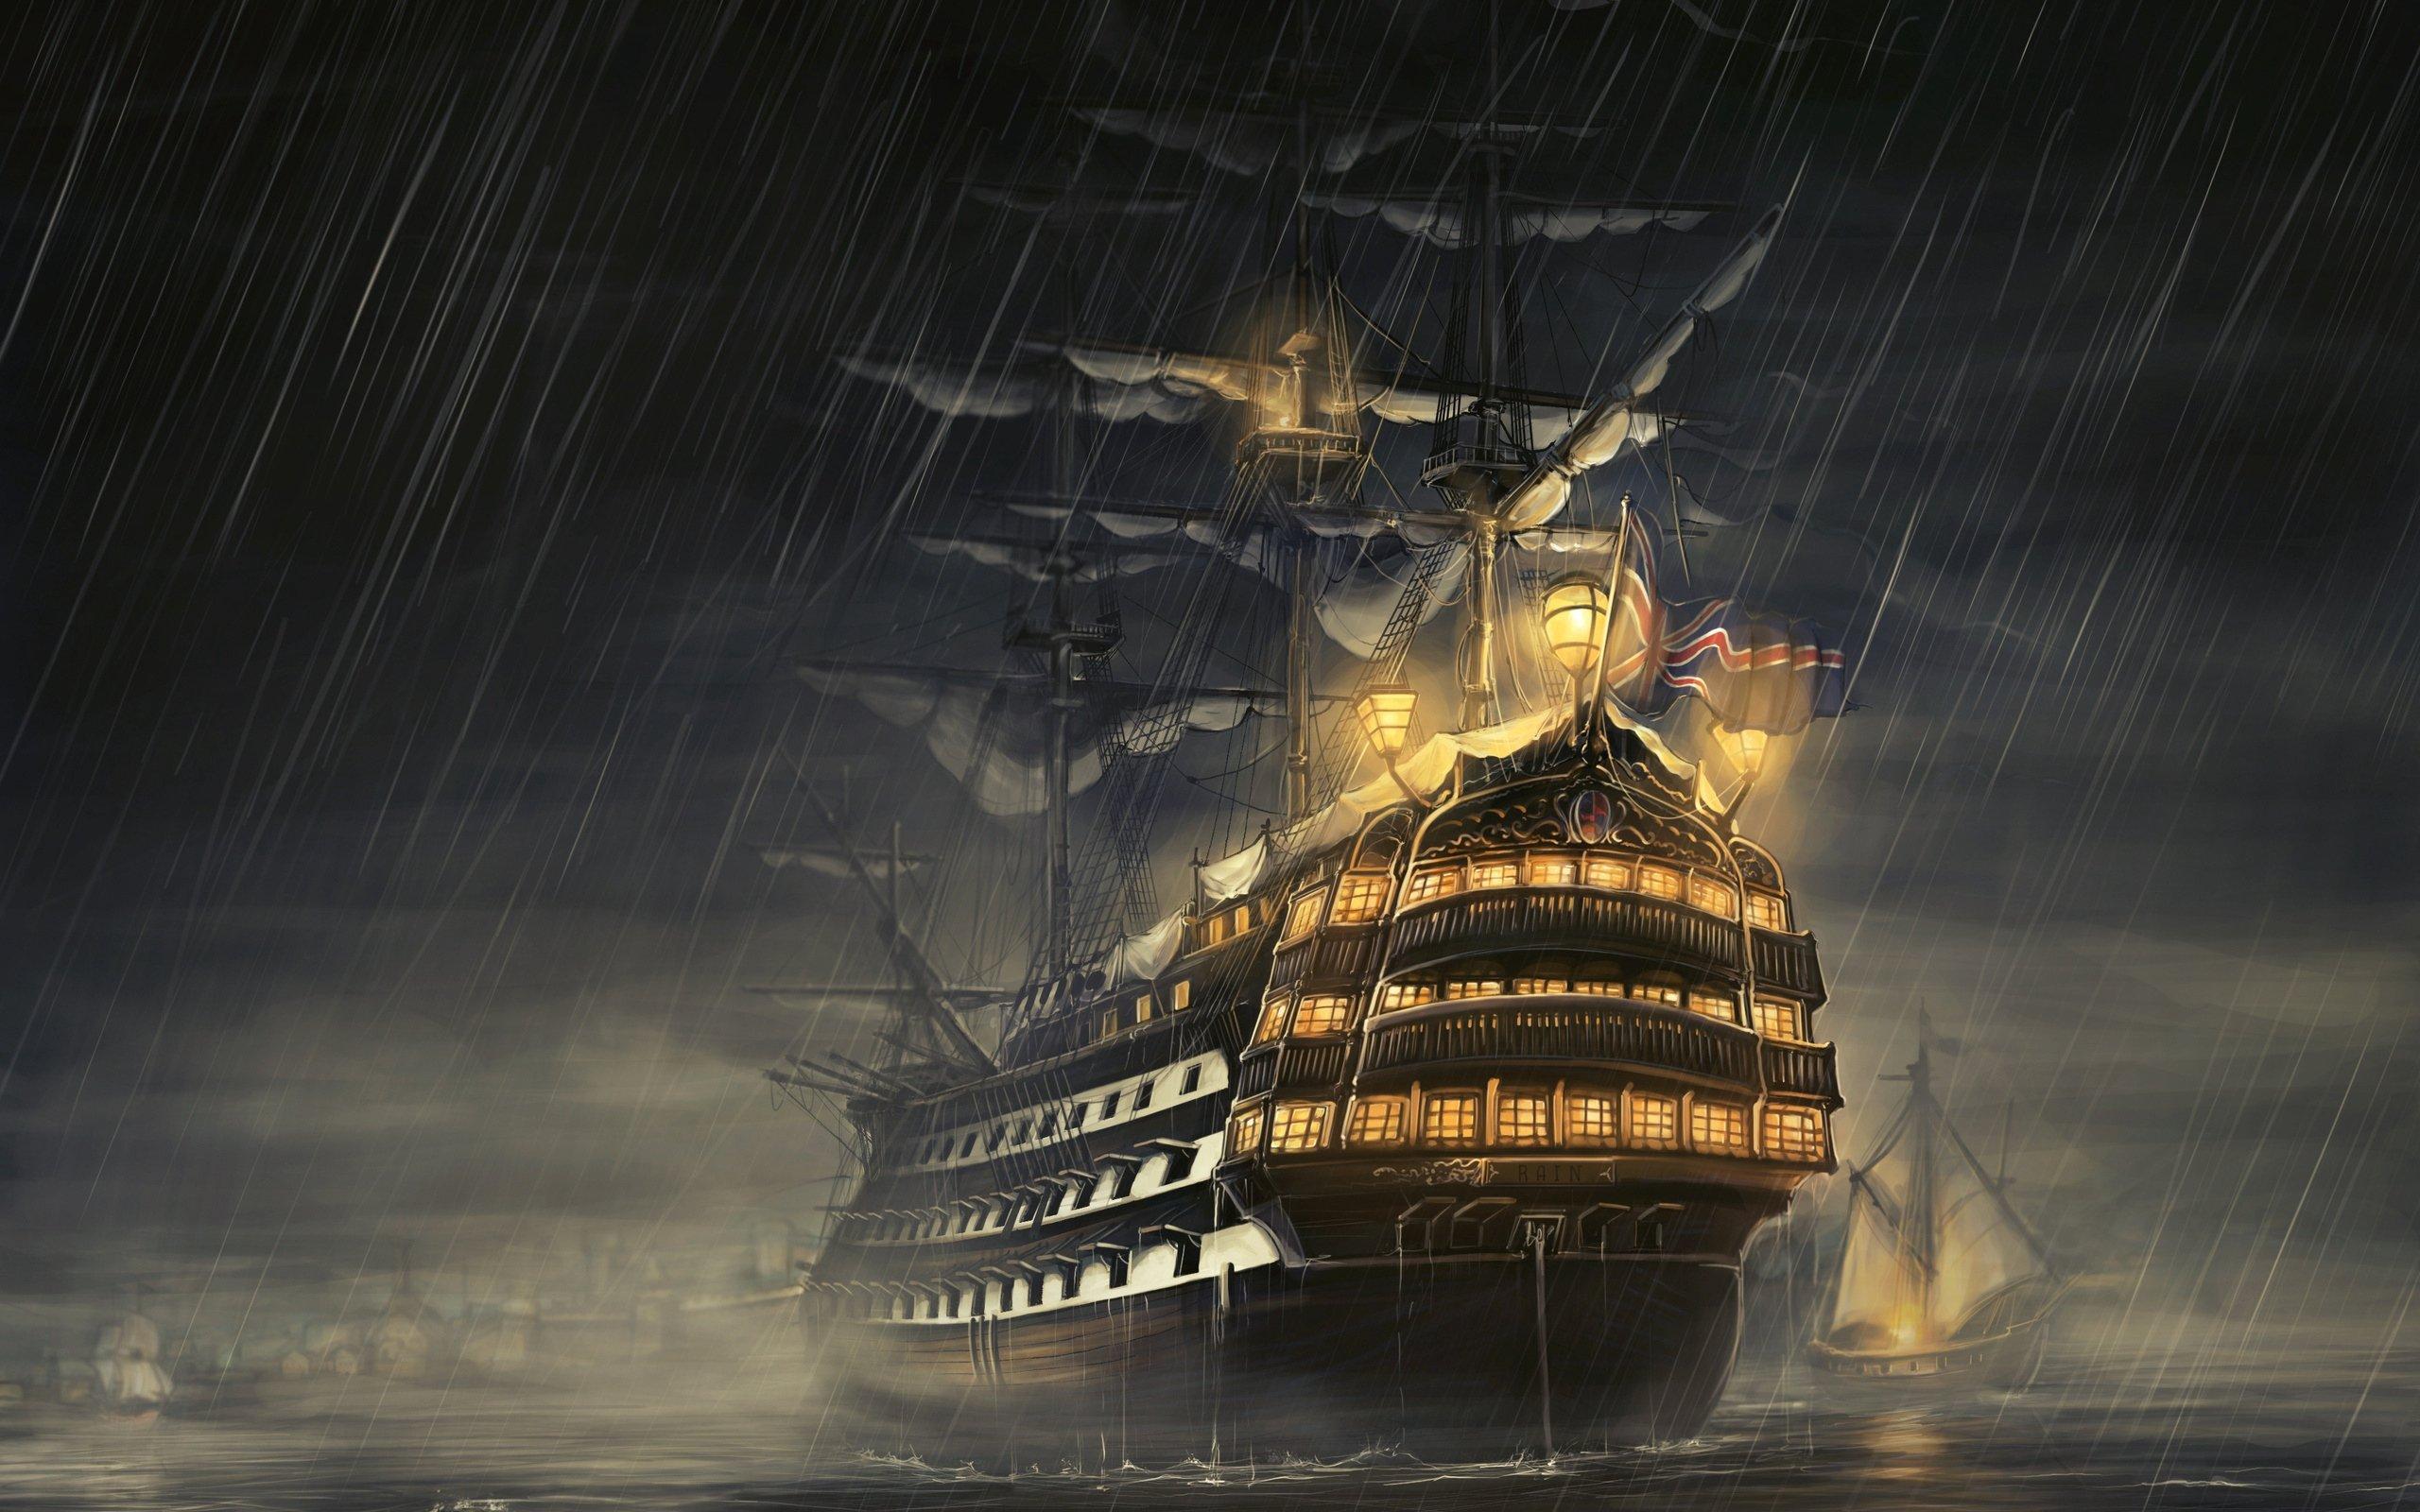 обои вертикальные фэнтези, корабли, море, свет, дождь